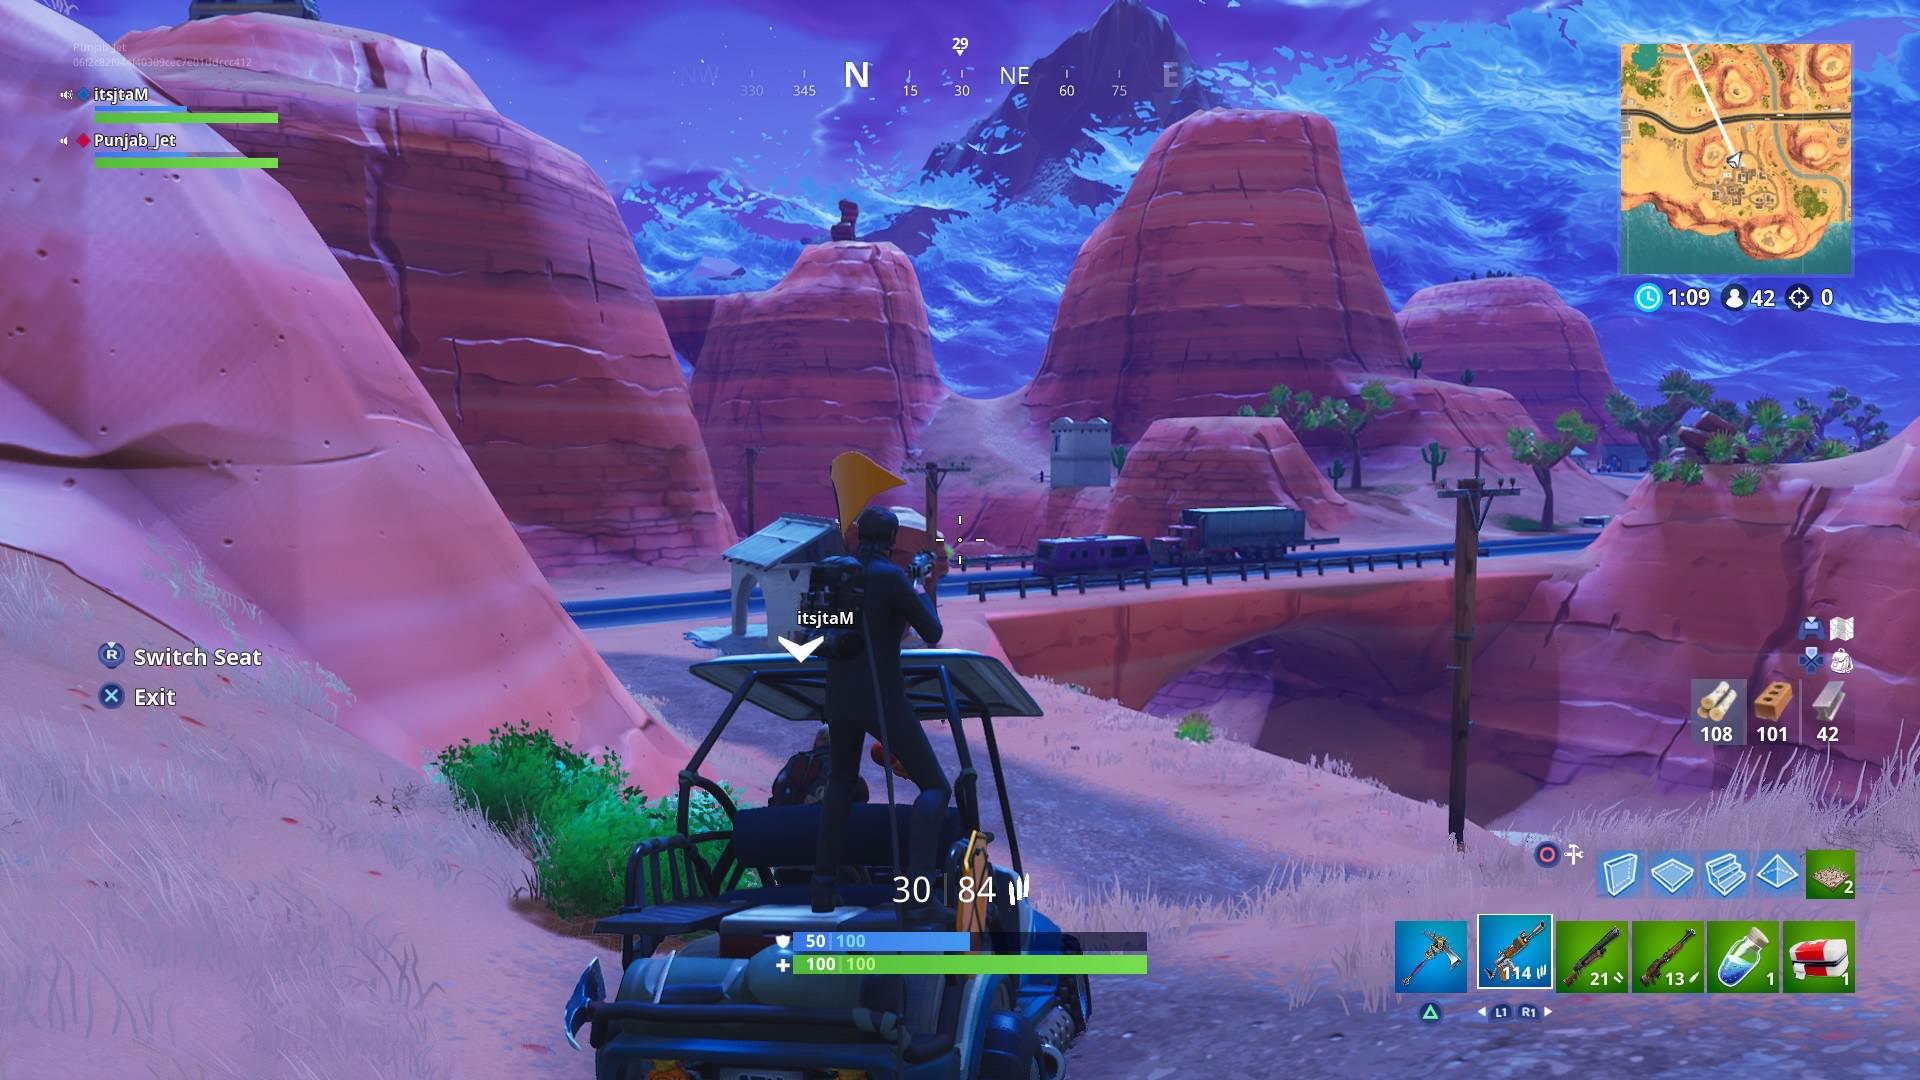 fortnite duos golf cart wallpaper 64531